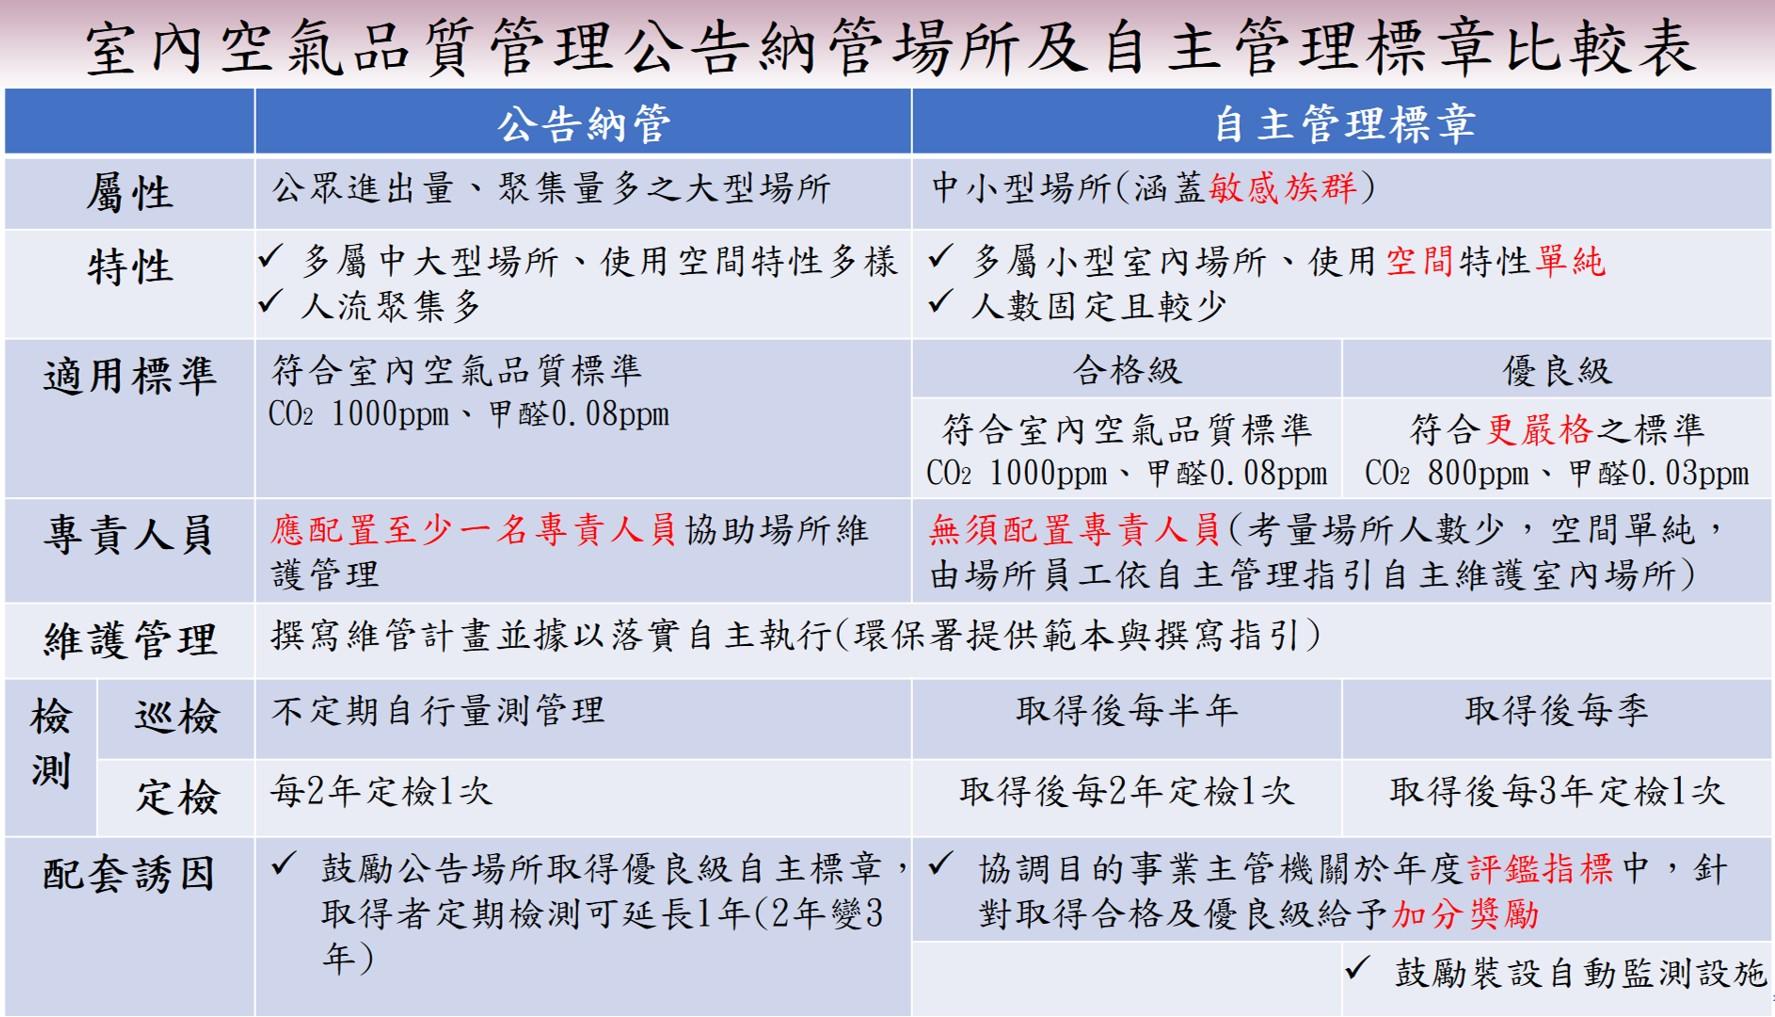 室內空氣品質管理公告納管場所及自主管理標章比較表